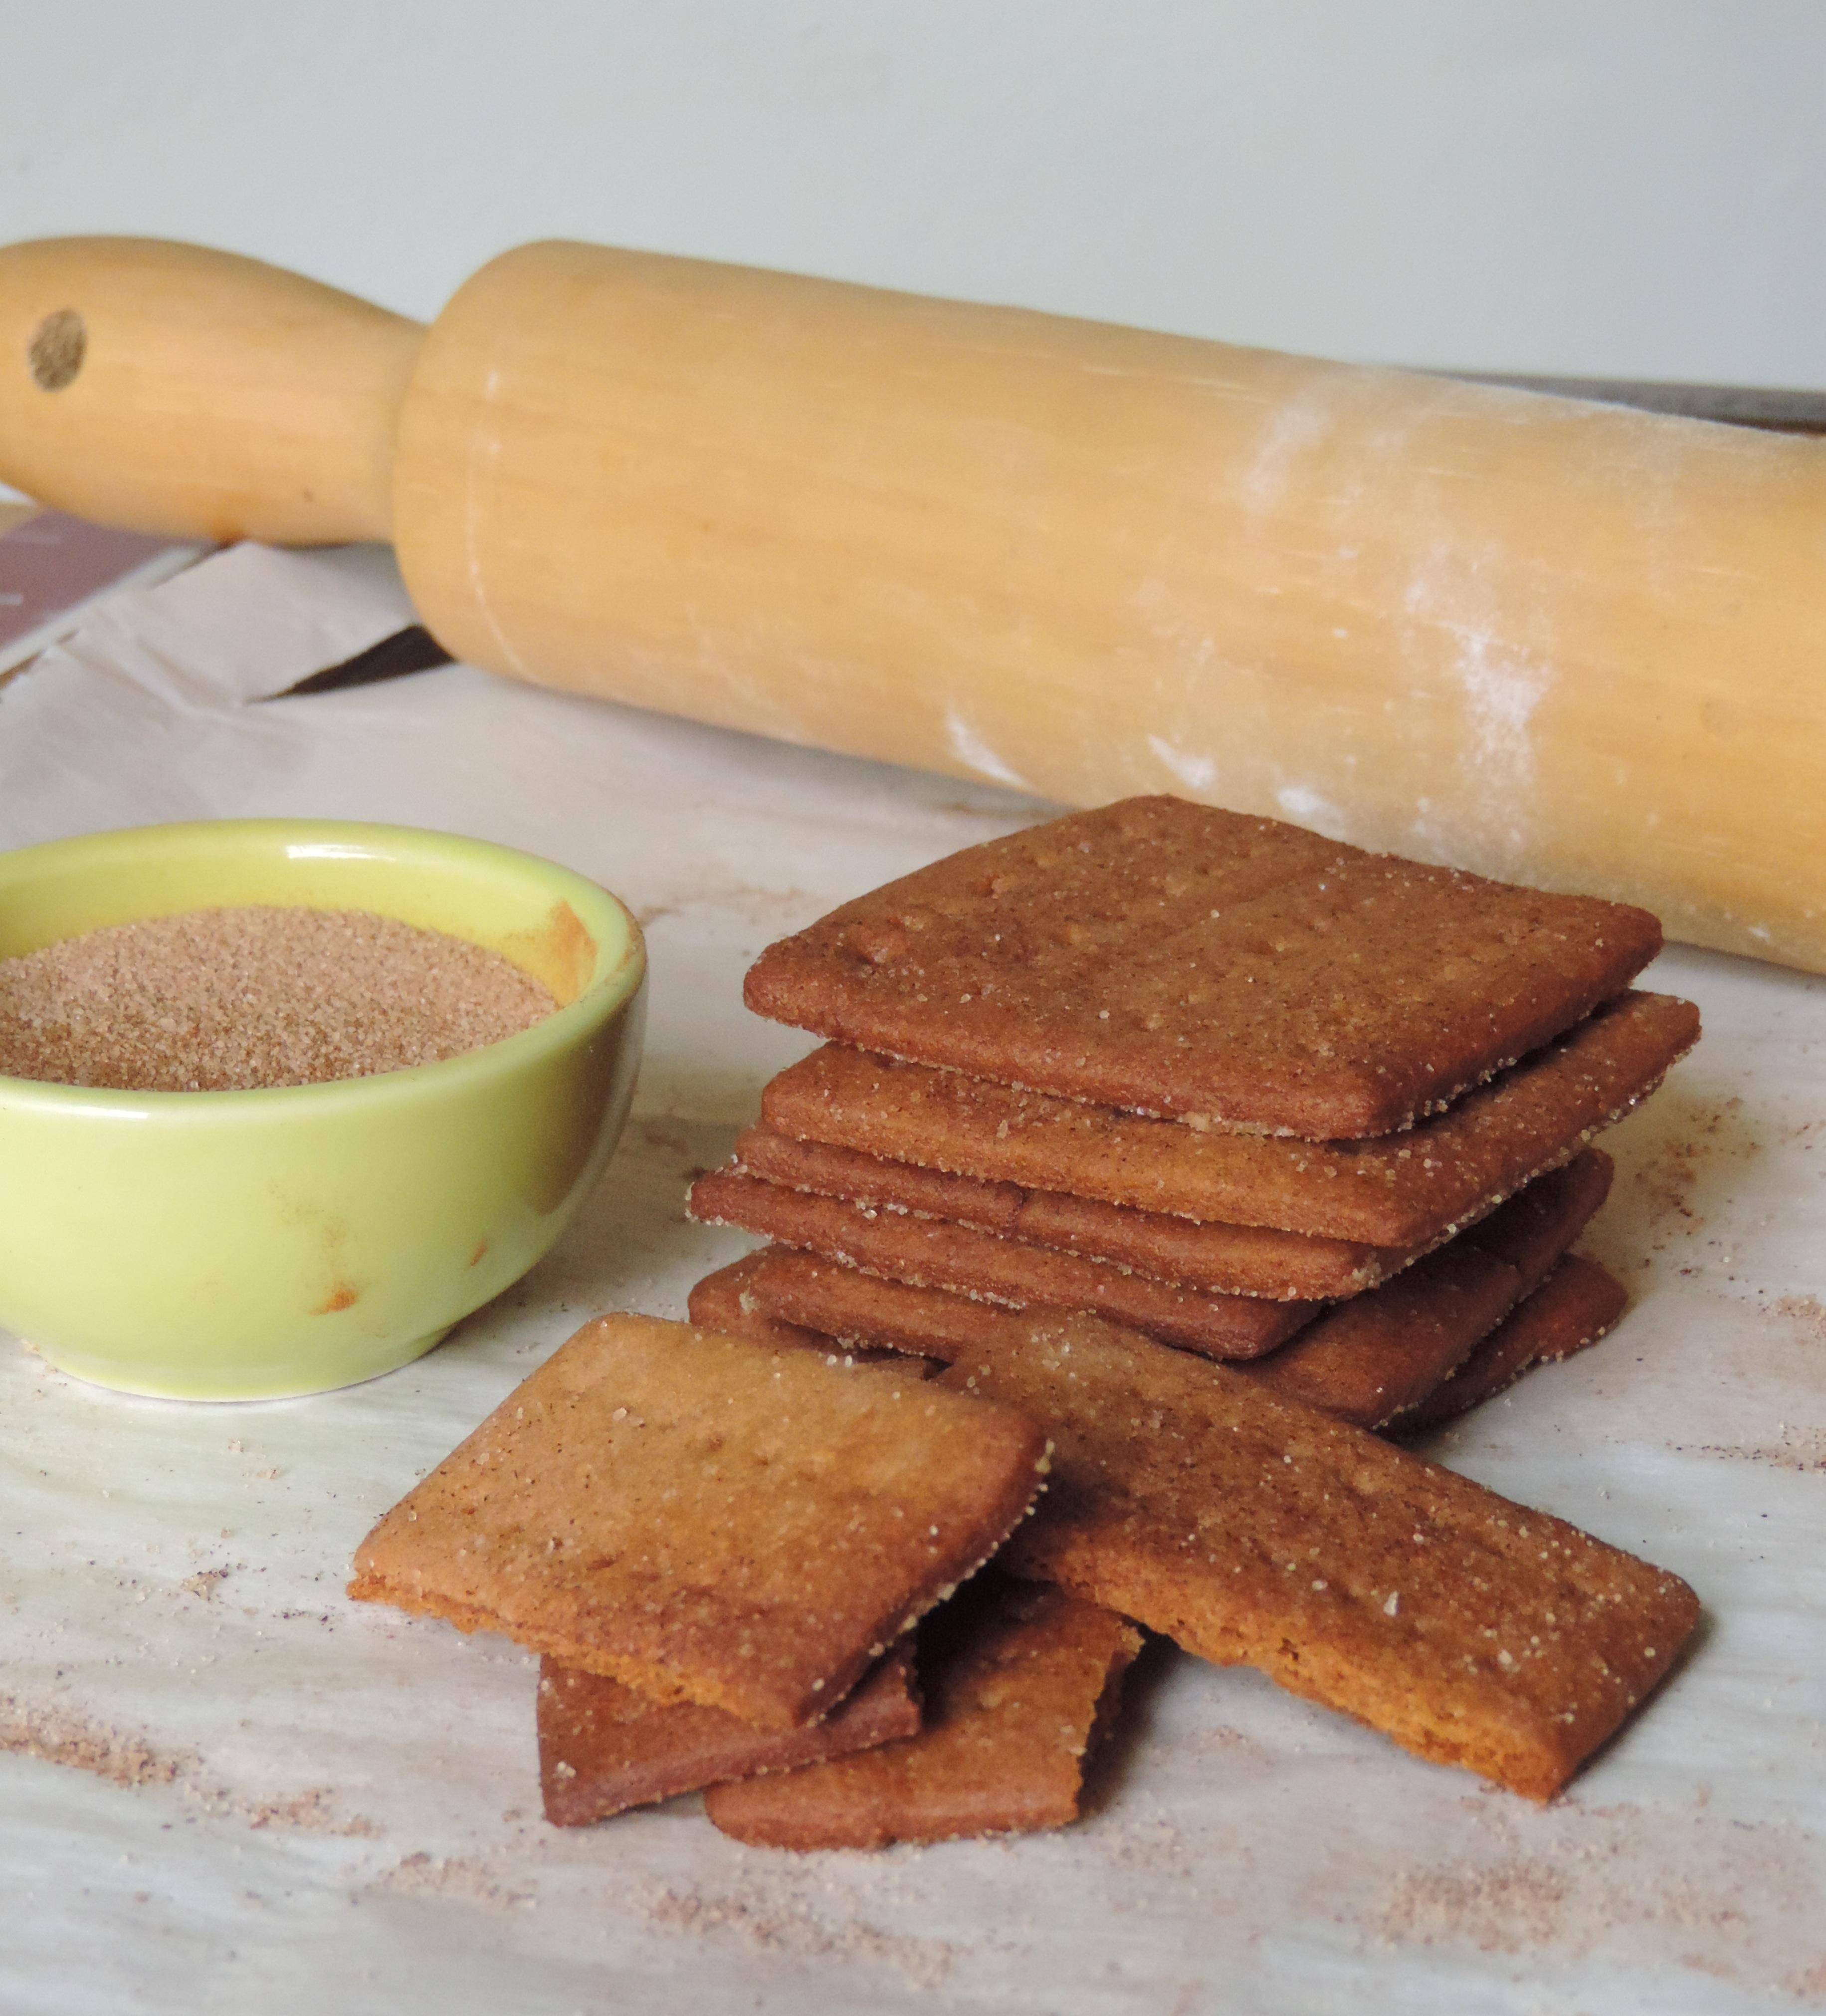 Homemade Cinnamon Graham Crackers